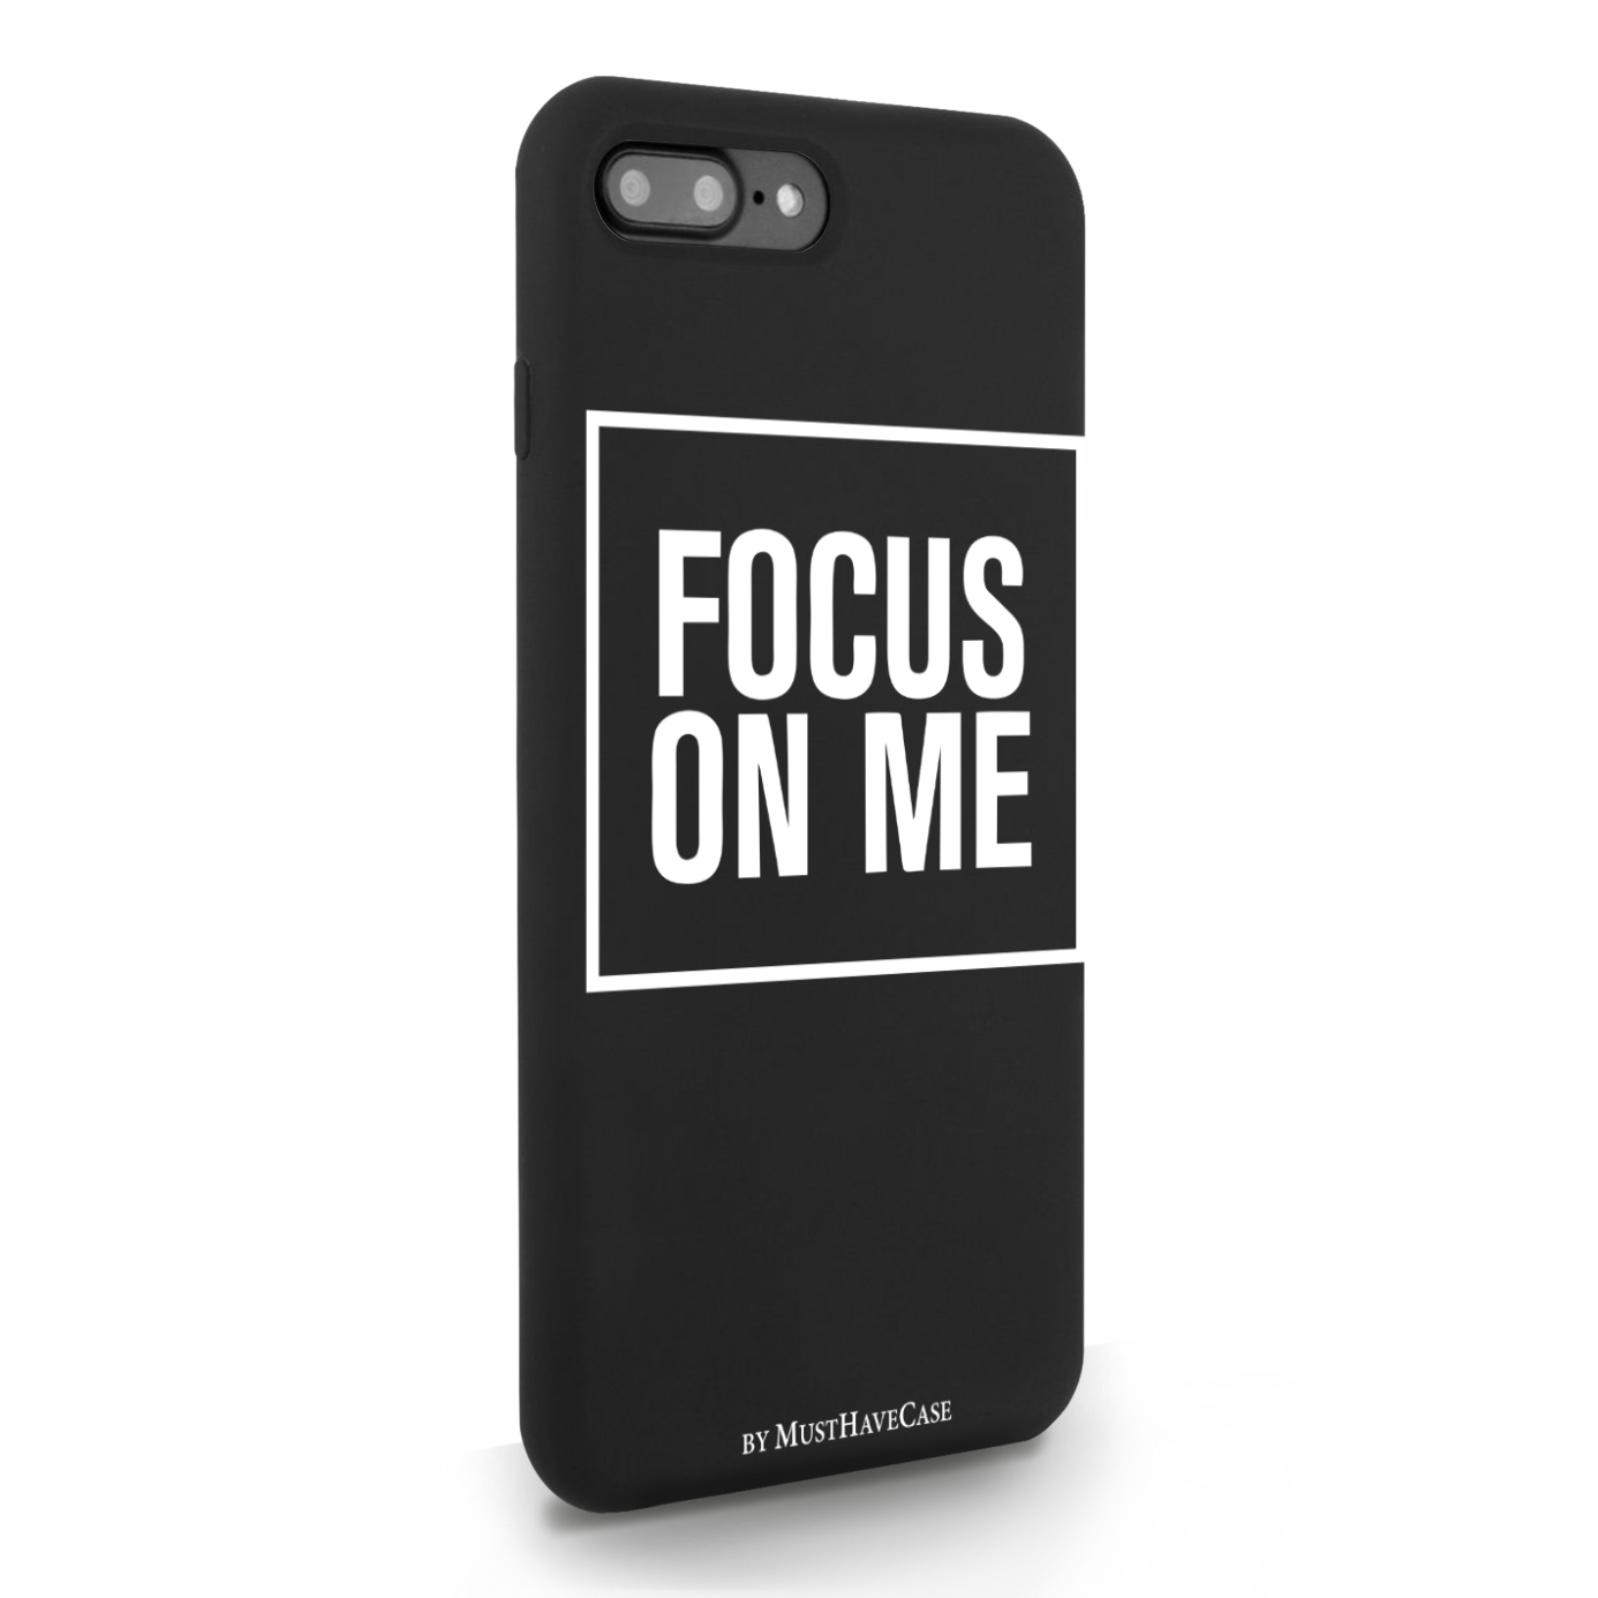 Черный силиконовый чехол для iPhone 7/8 Plus Focus on me для Айфон 7/8 Плюс